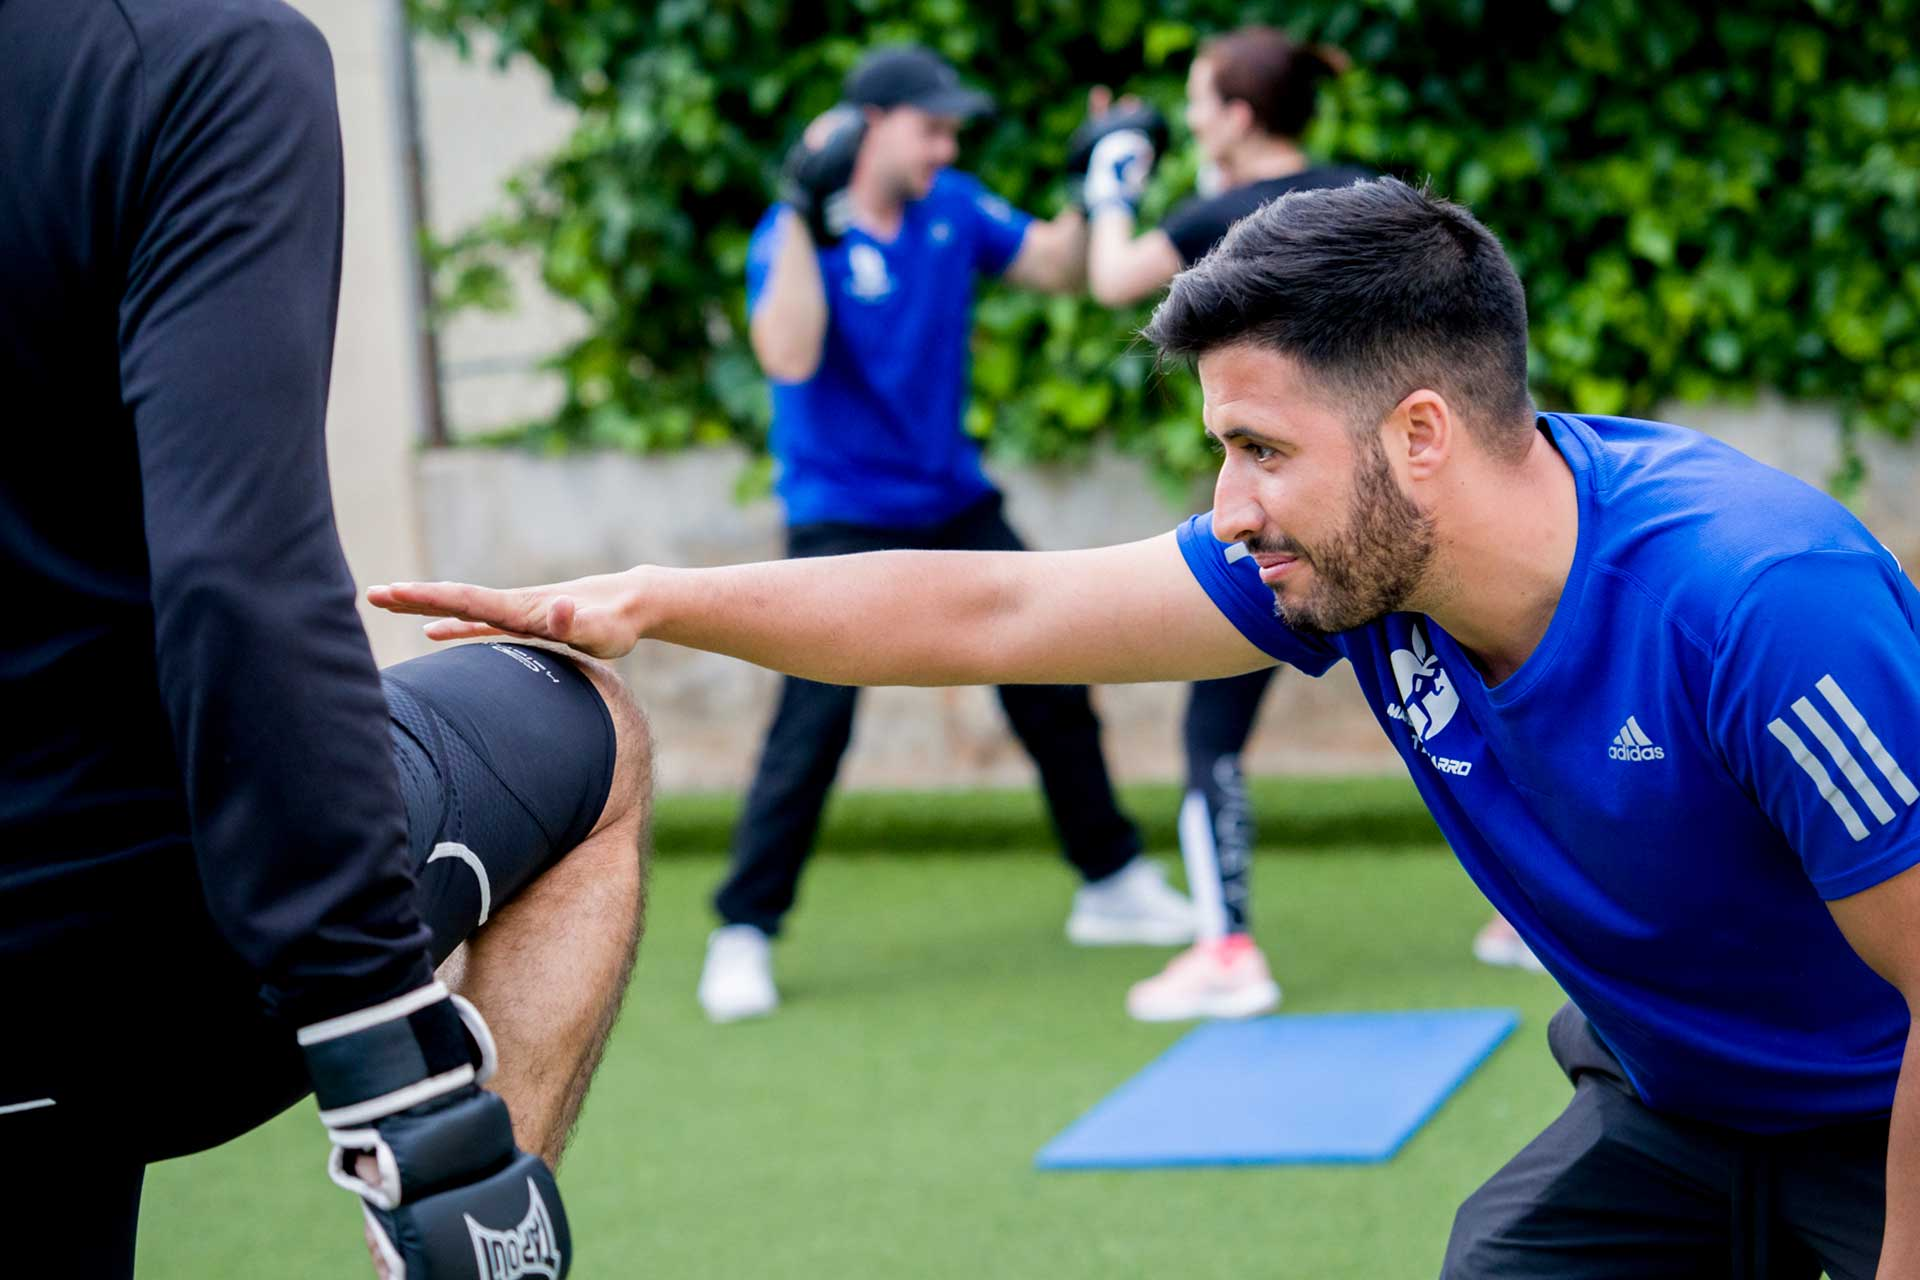 Trainers Marcos entrenamiento 2